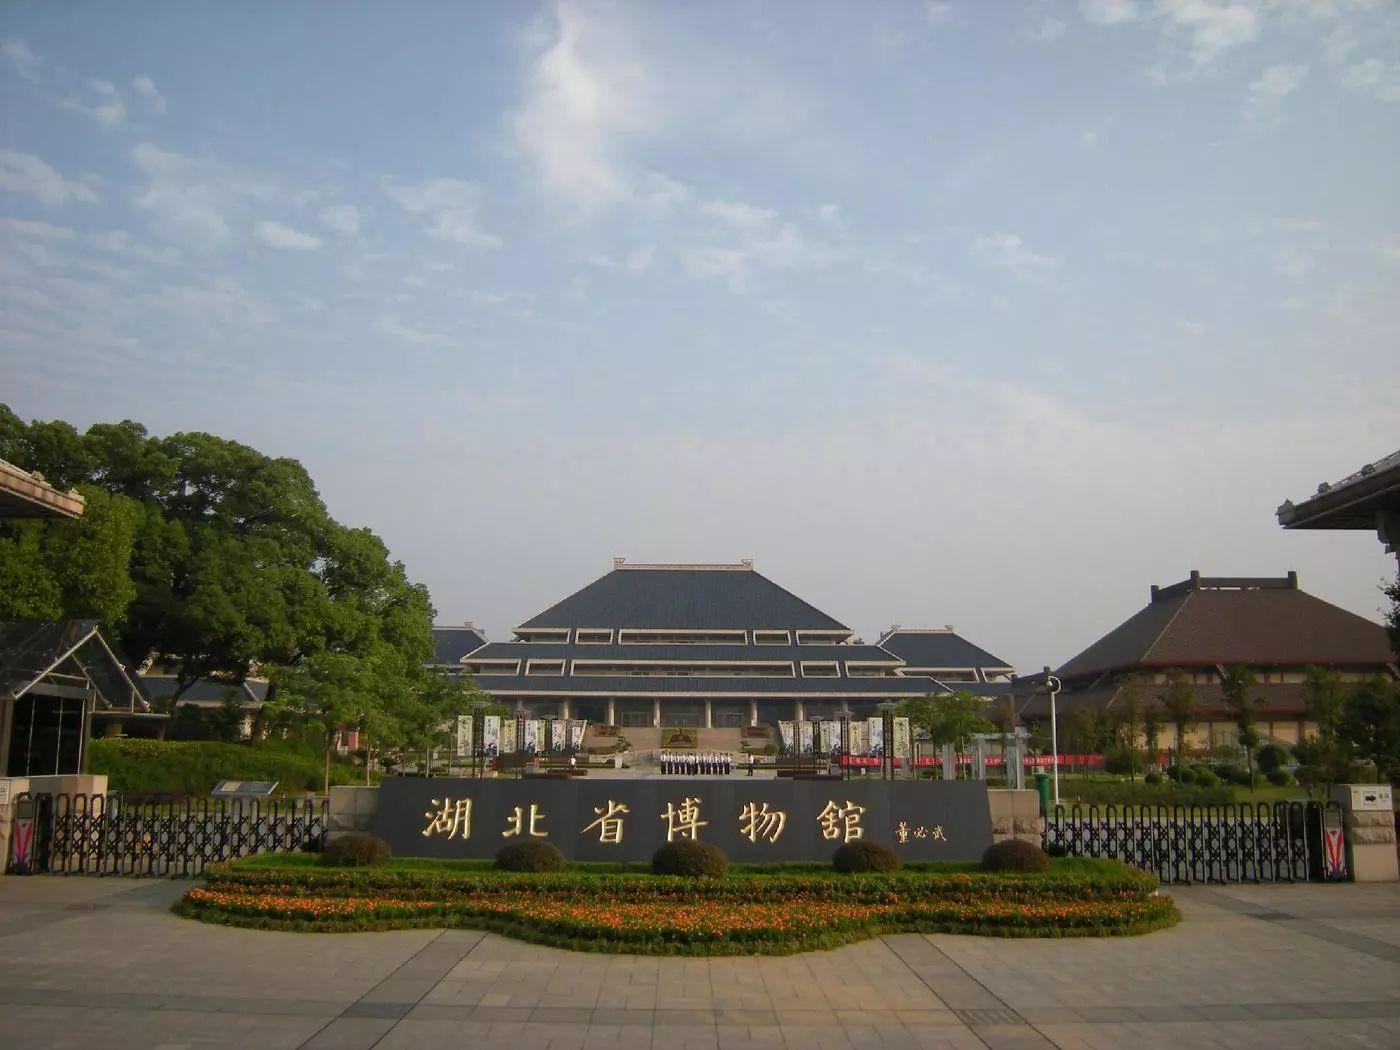 湖北省博物馆坐落于东湖风景区内,占地面积81909平方米,有中国规模最大的古乐器陈列馆.